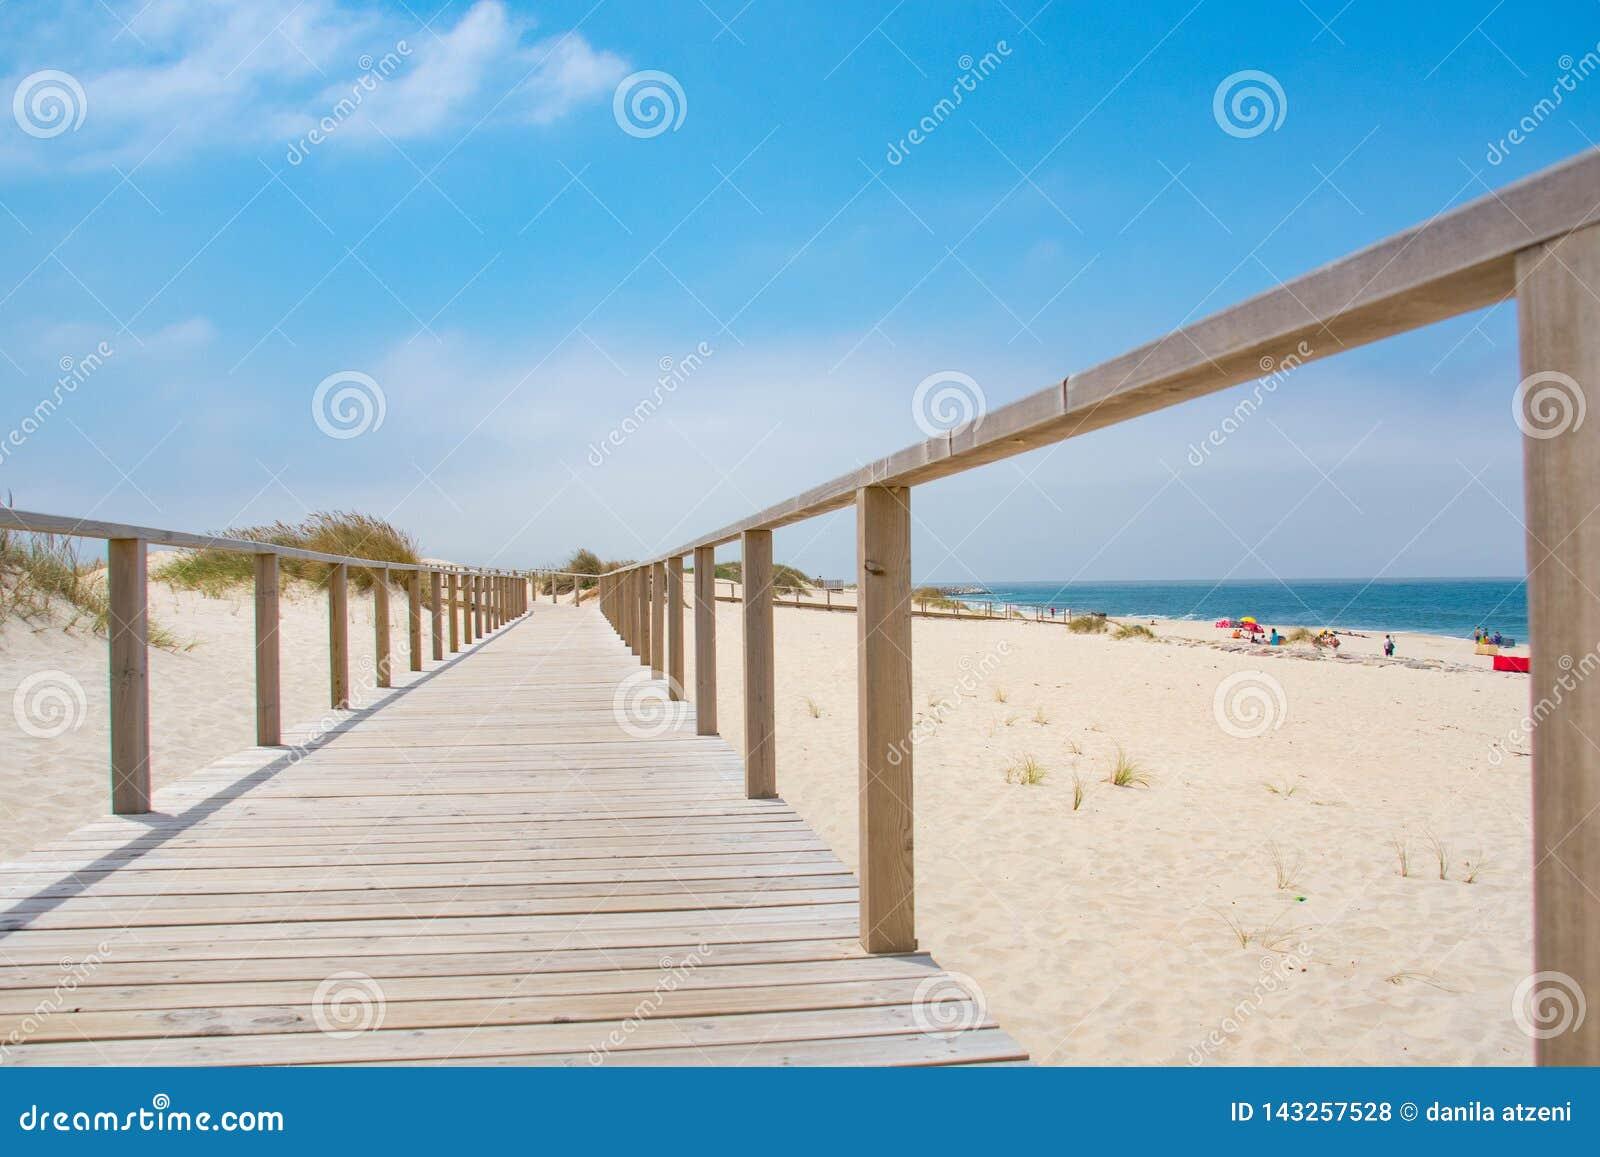 Ξύλινη πορεία με την άποψη του Ατλαντικού Ωκεανού